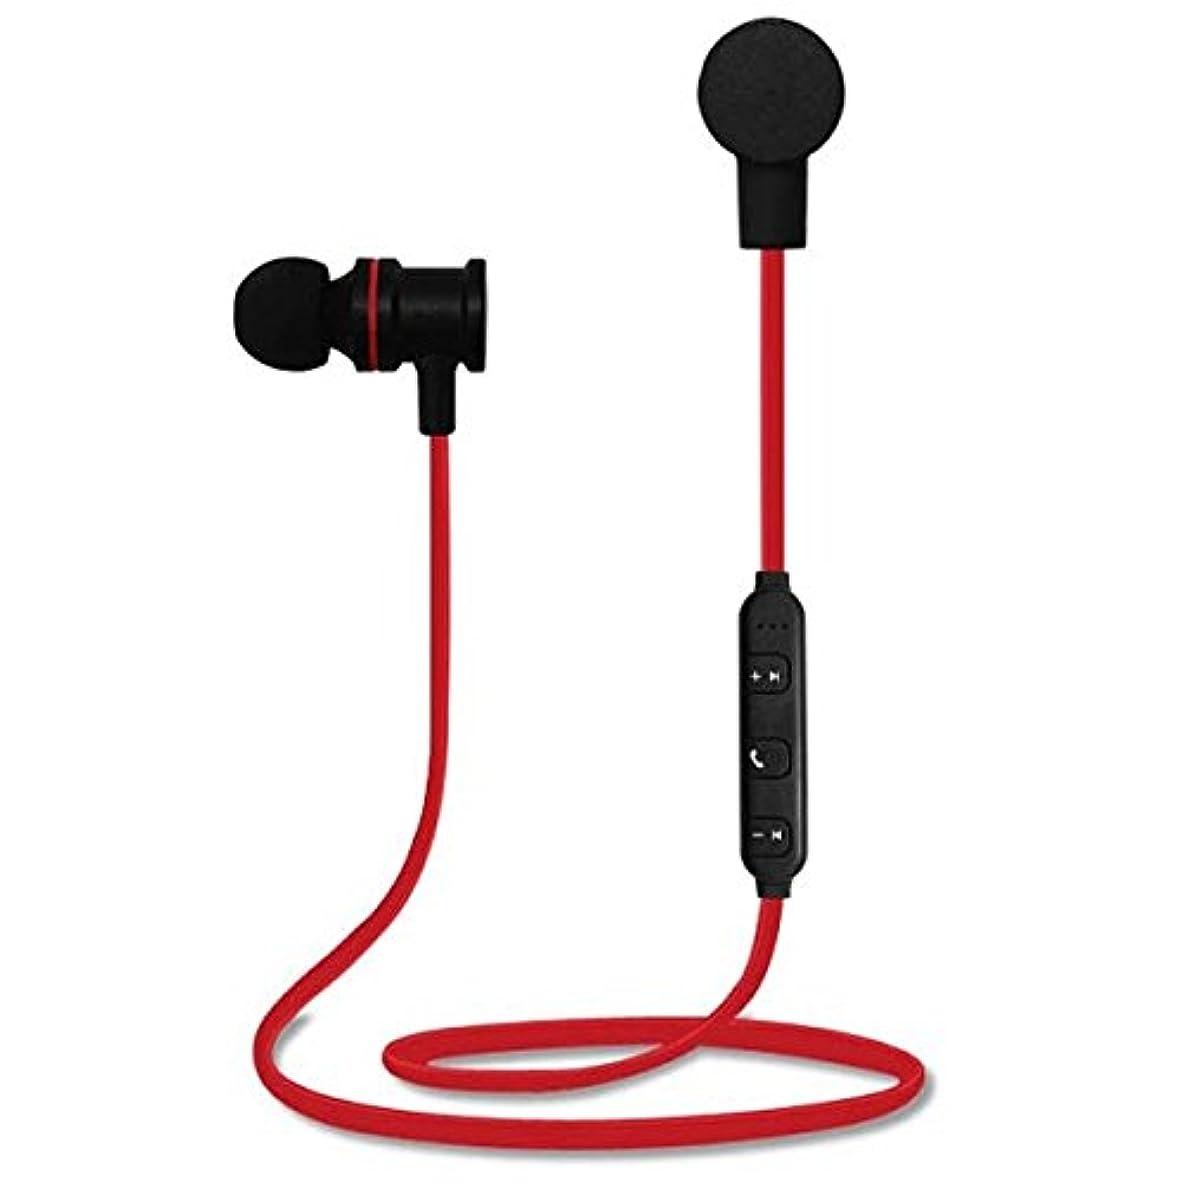 レンド聖書ねじれスリーイー Bluetooth搭載ダイナミック密閉型カナルイヤホン(レッド)Mag Ear Light 3E-BEA2-R